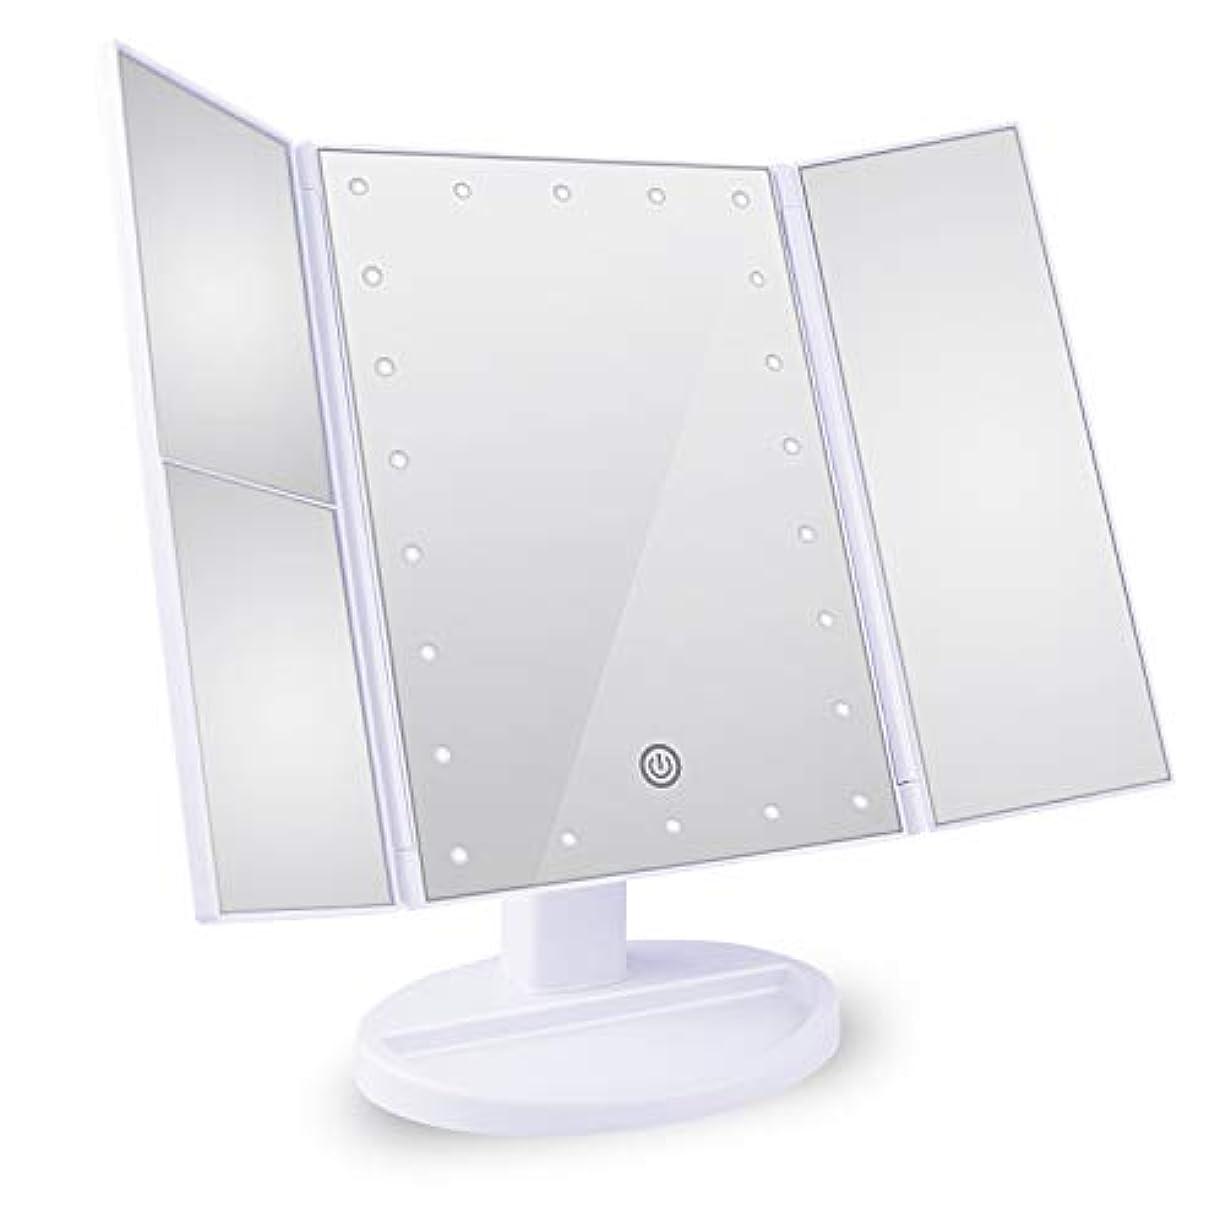 ダーベビルのテススコア不適切なTree. NB 化粧鏡 卓上鏡 拡大鏡 鏡 メイクミラー 2倍&3倍拡大可能 LEDライトミラー 明るさ調節可能 180°回転 電池&USB 2WAY給電